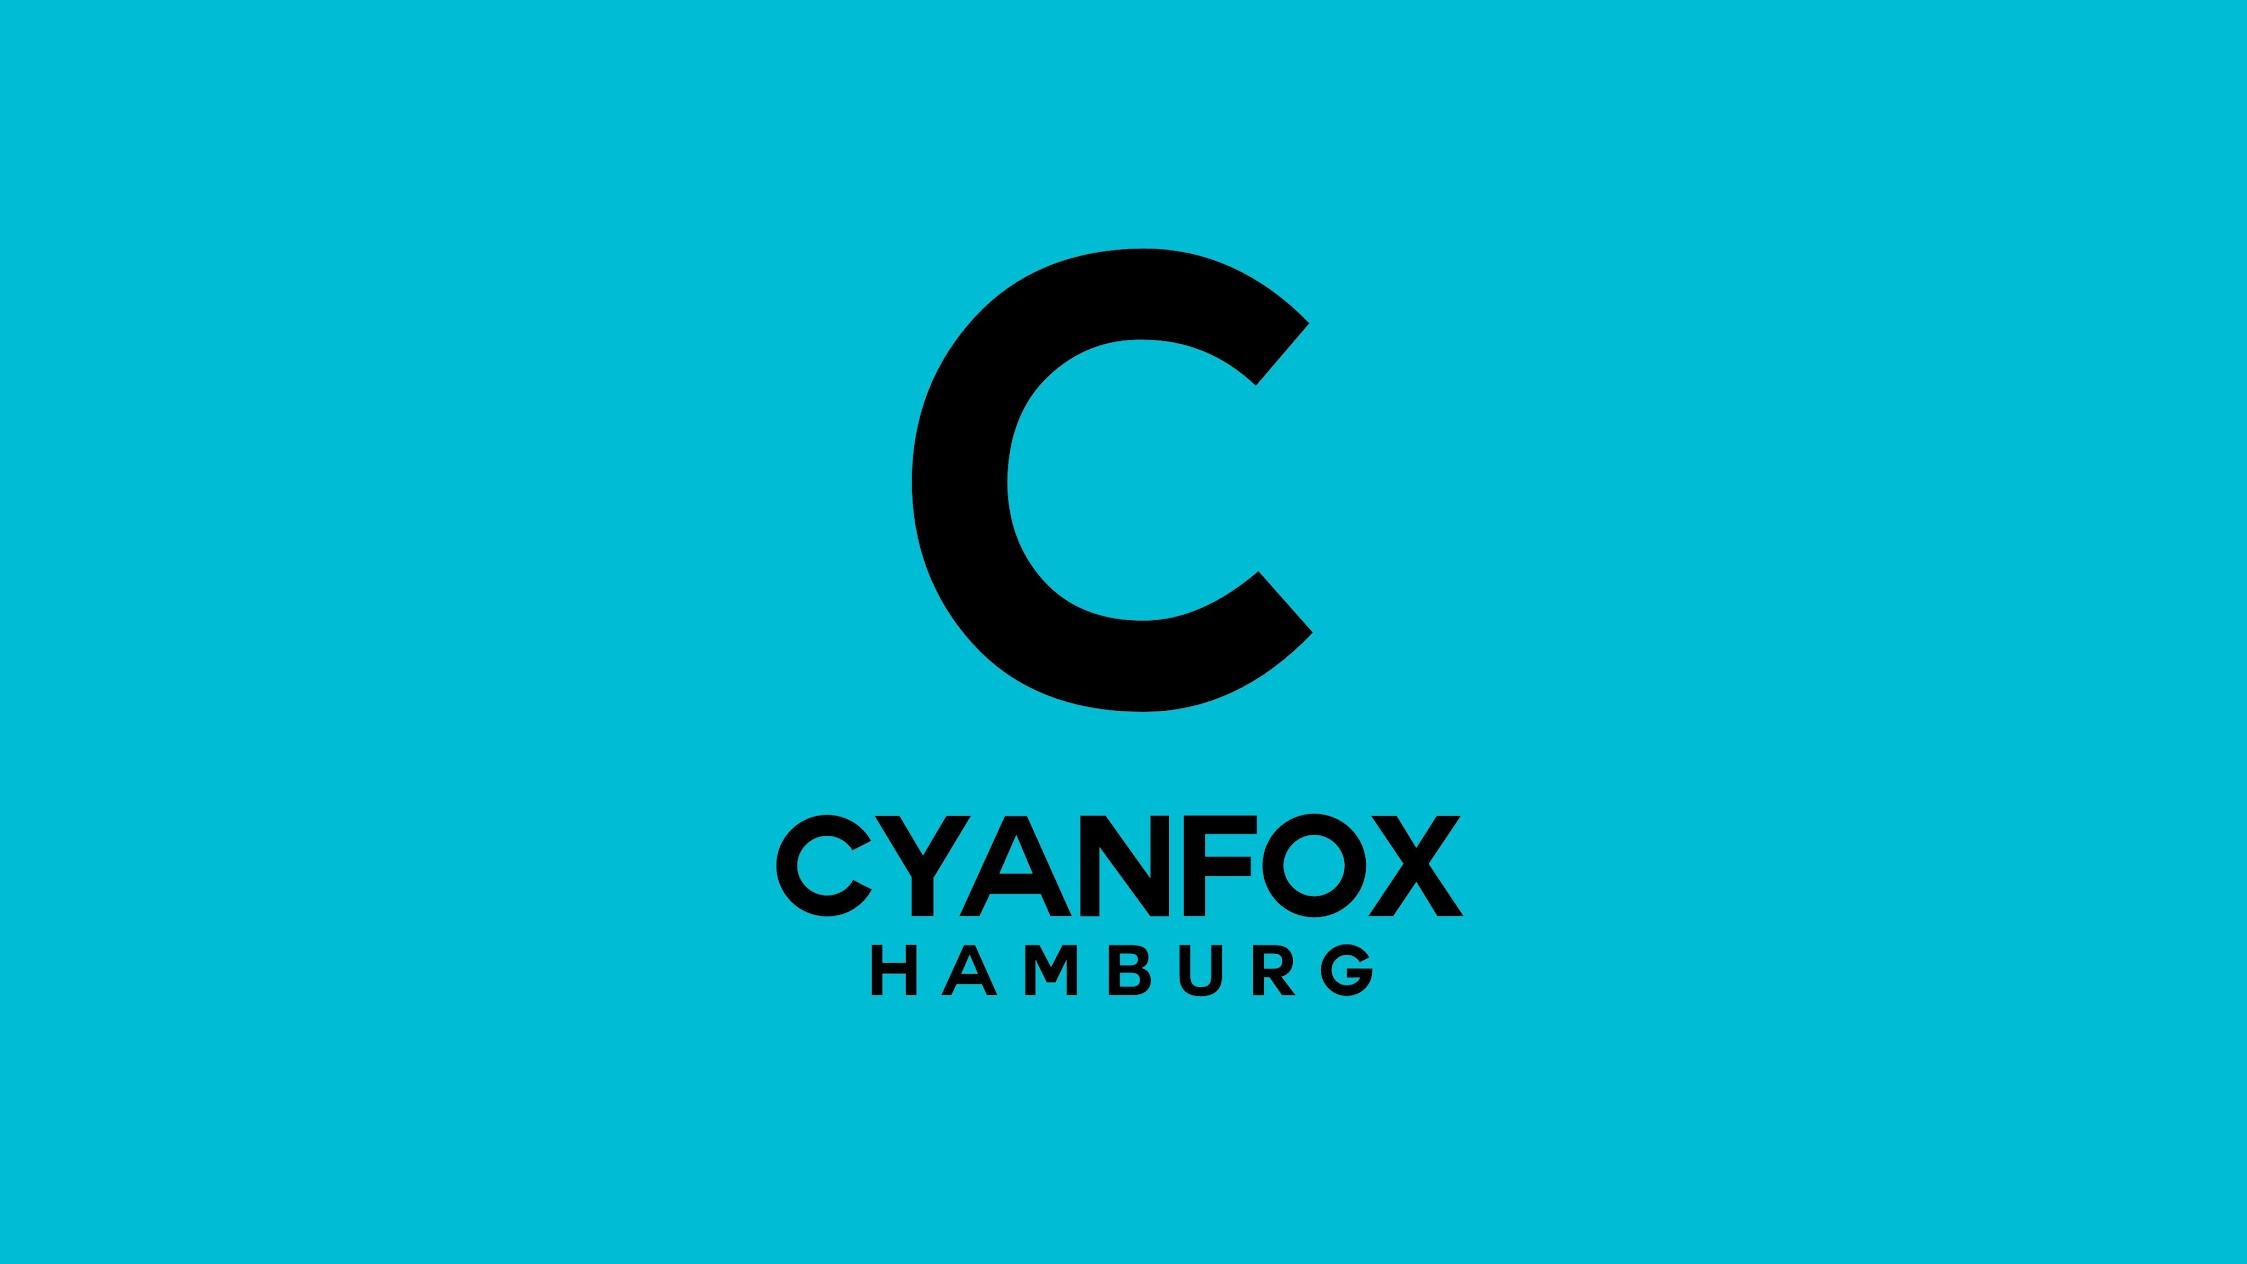 Cyanfox Development